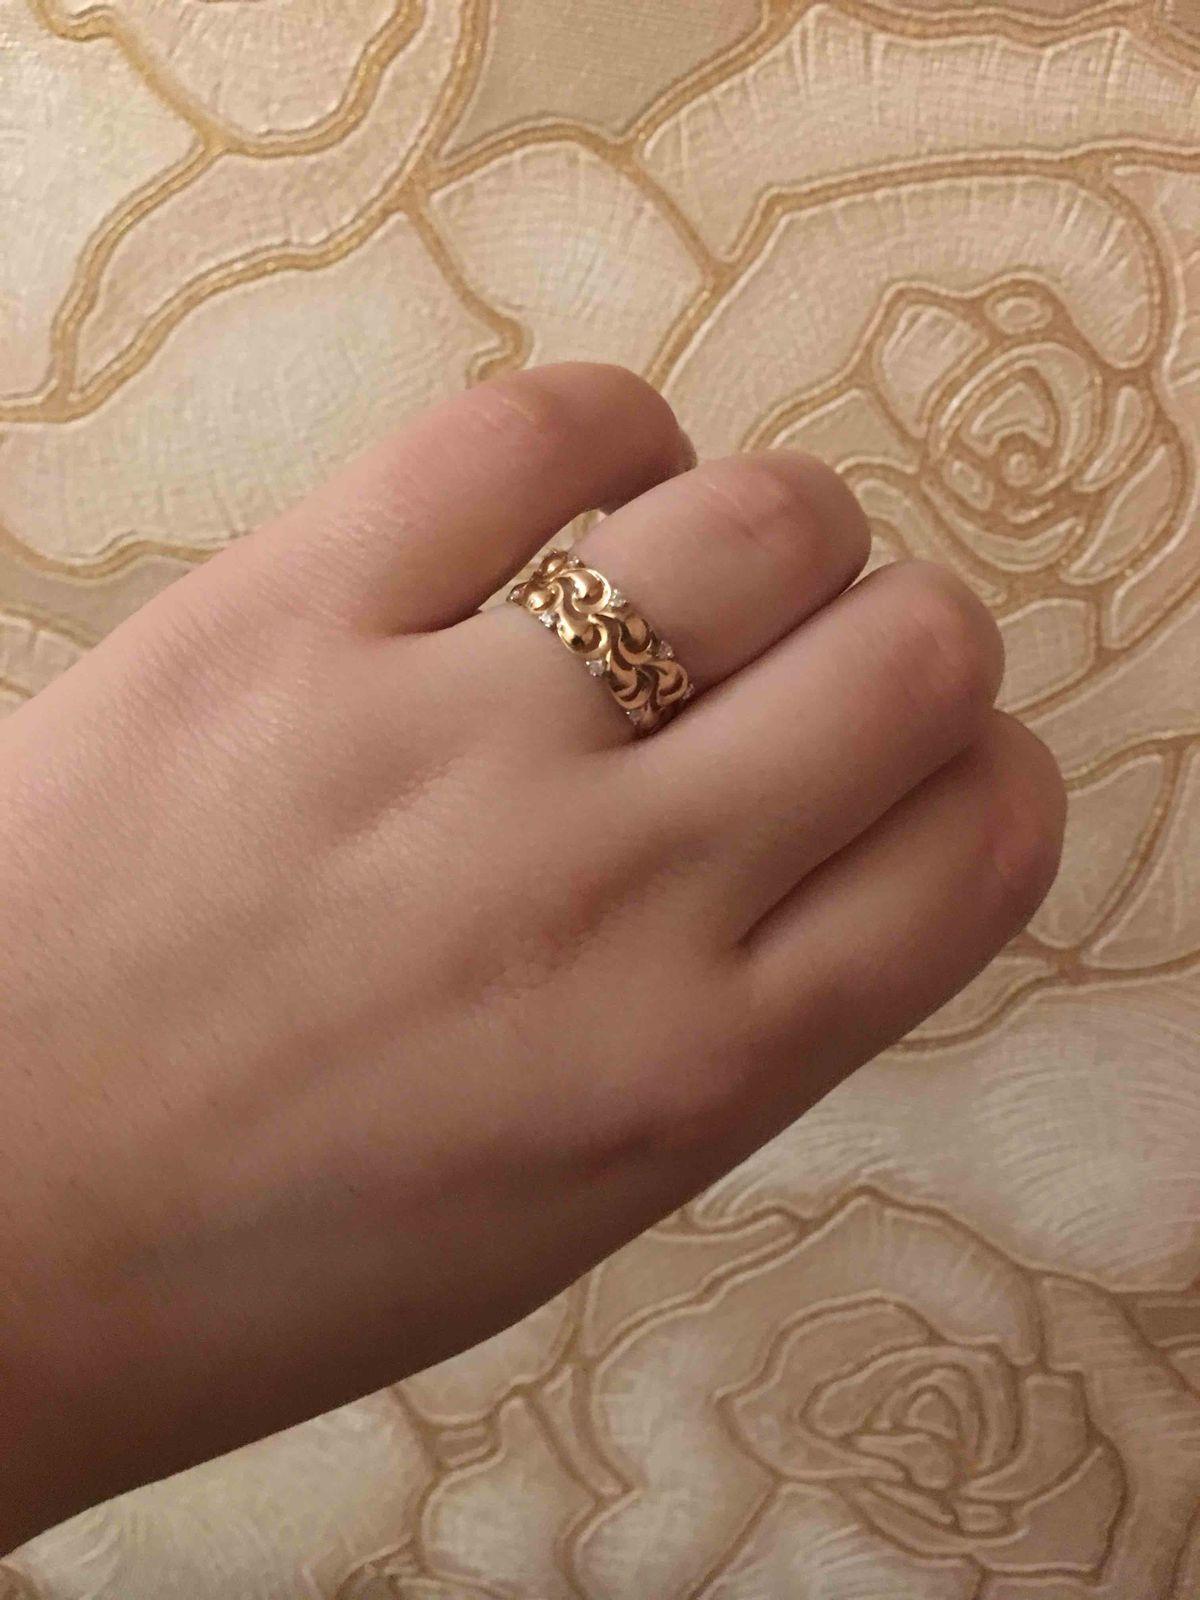 Кольцо просто идеальное 😍.